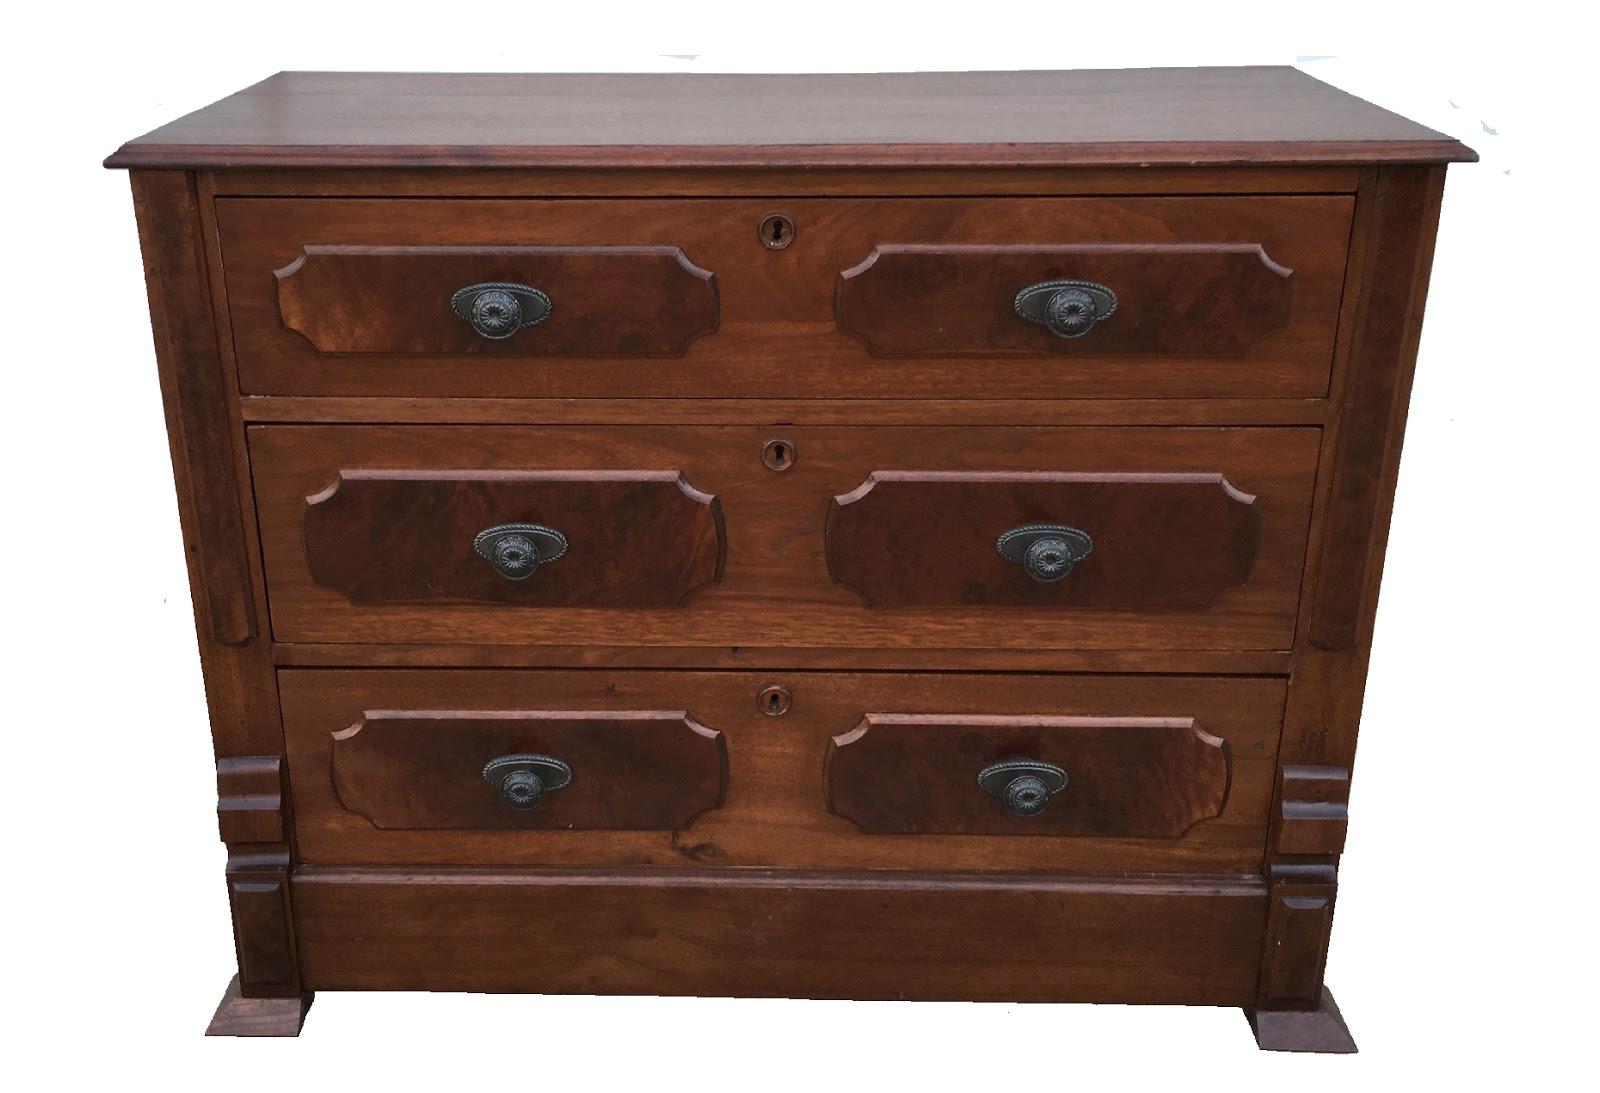 finale furniture restoration services llc eastlake